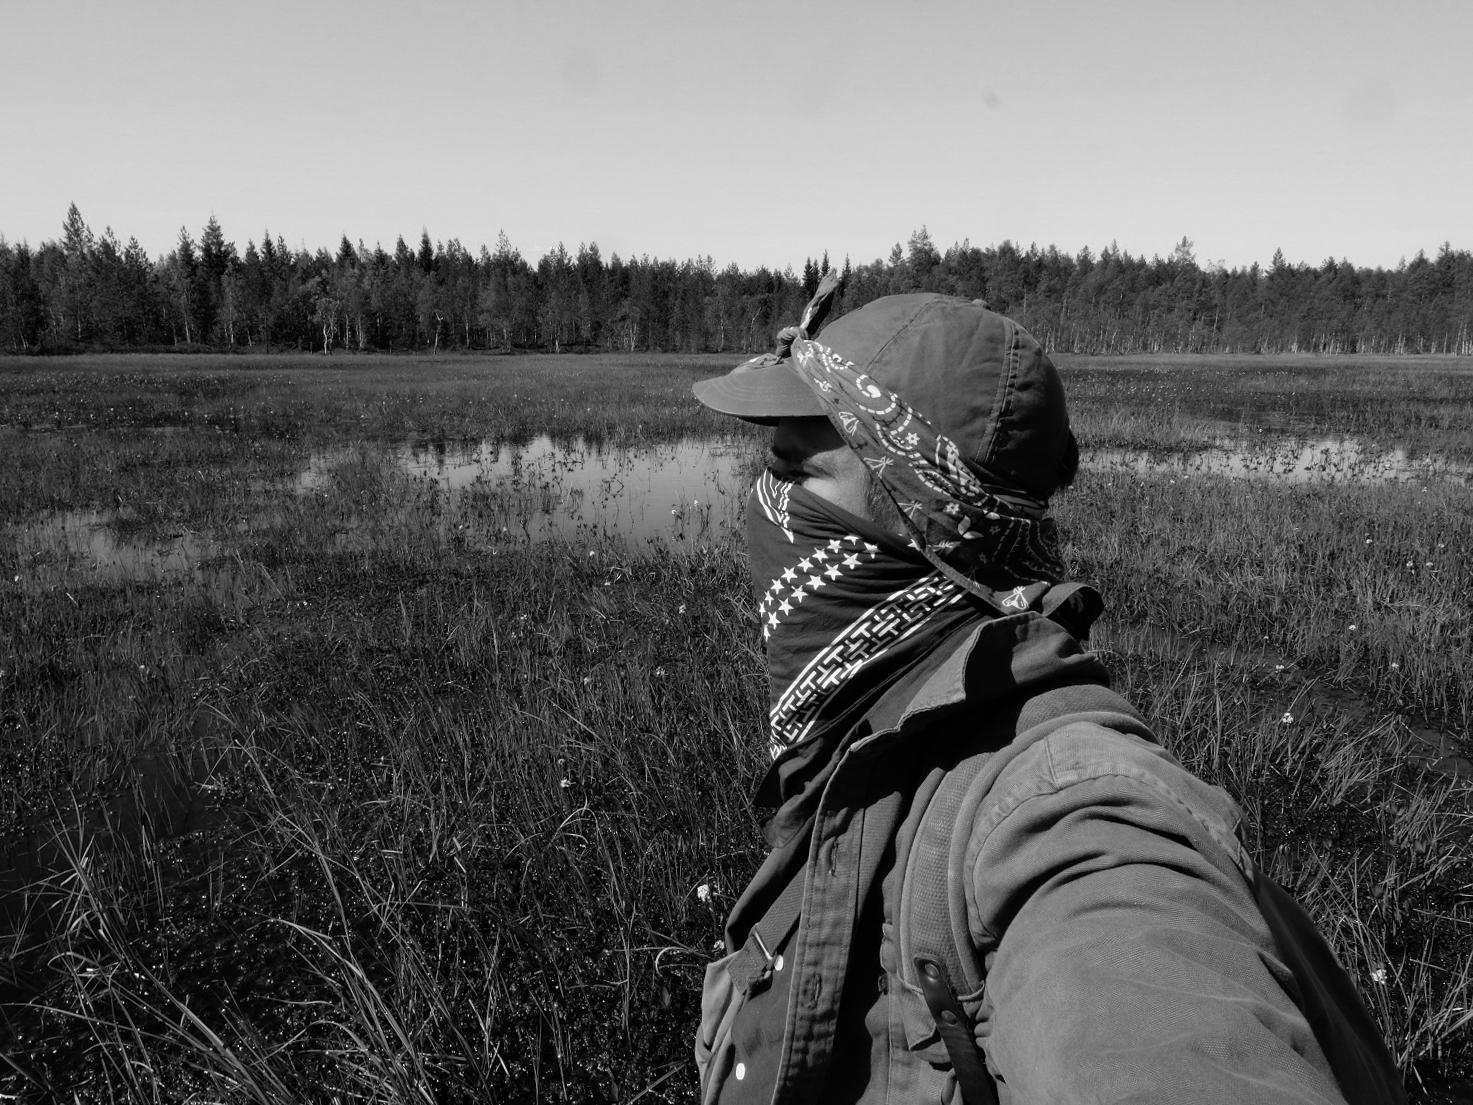 Fieldwork in high latitude wetlands brings lots of mosquitos!